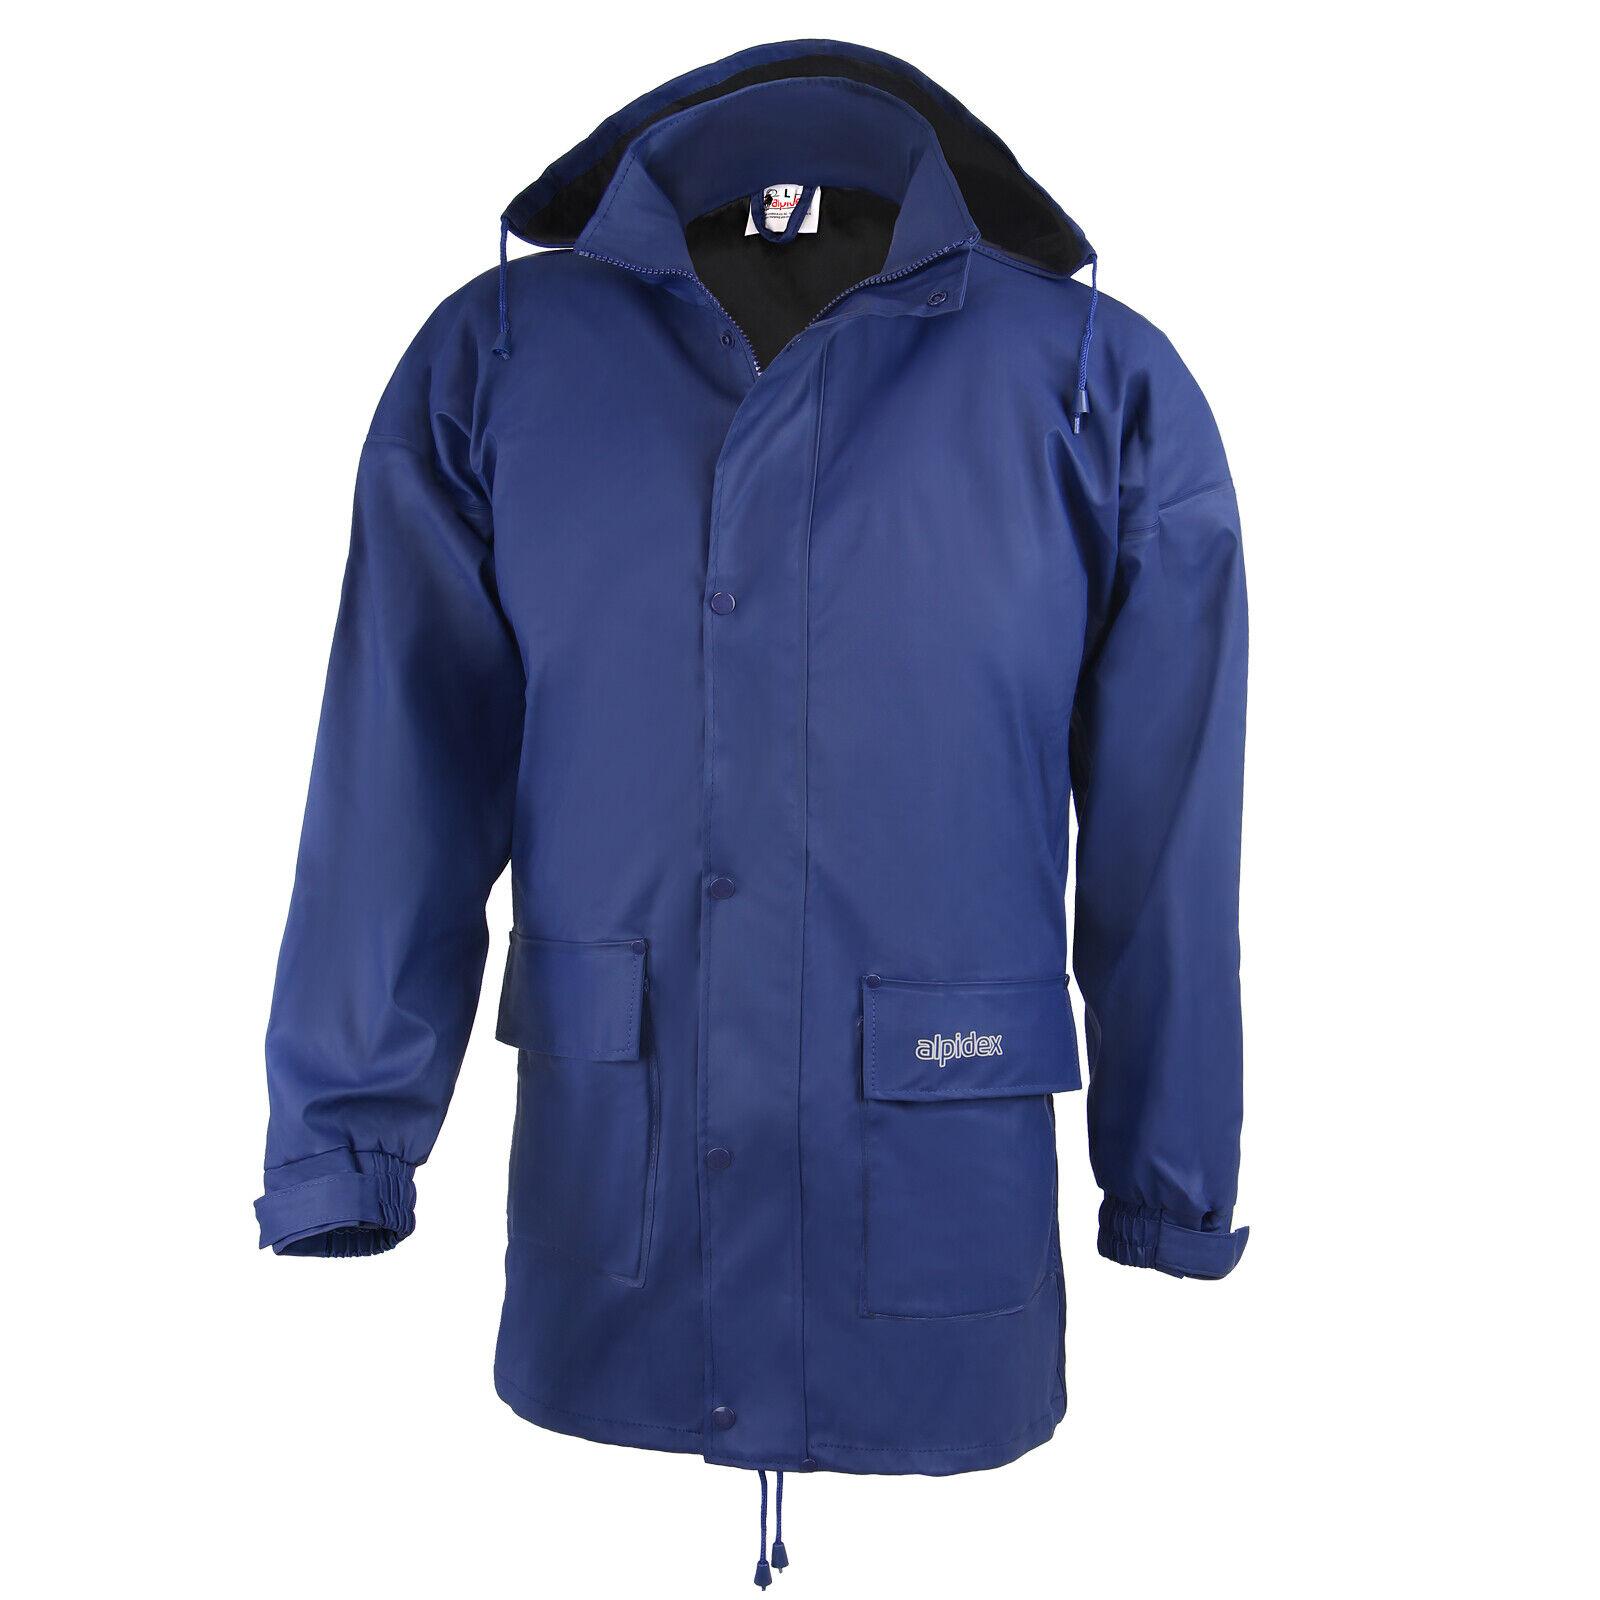 ALPIDEX Regenjacke Jacke mit Kapuze für Damen und Herren Größe S M L XL XXL 3XL